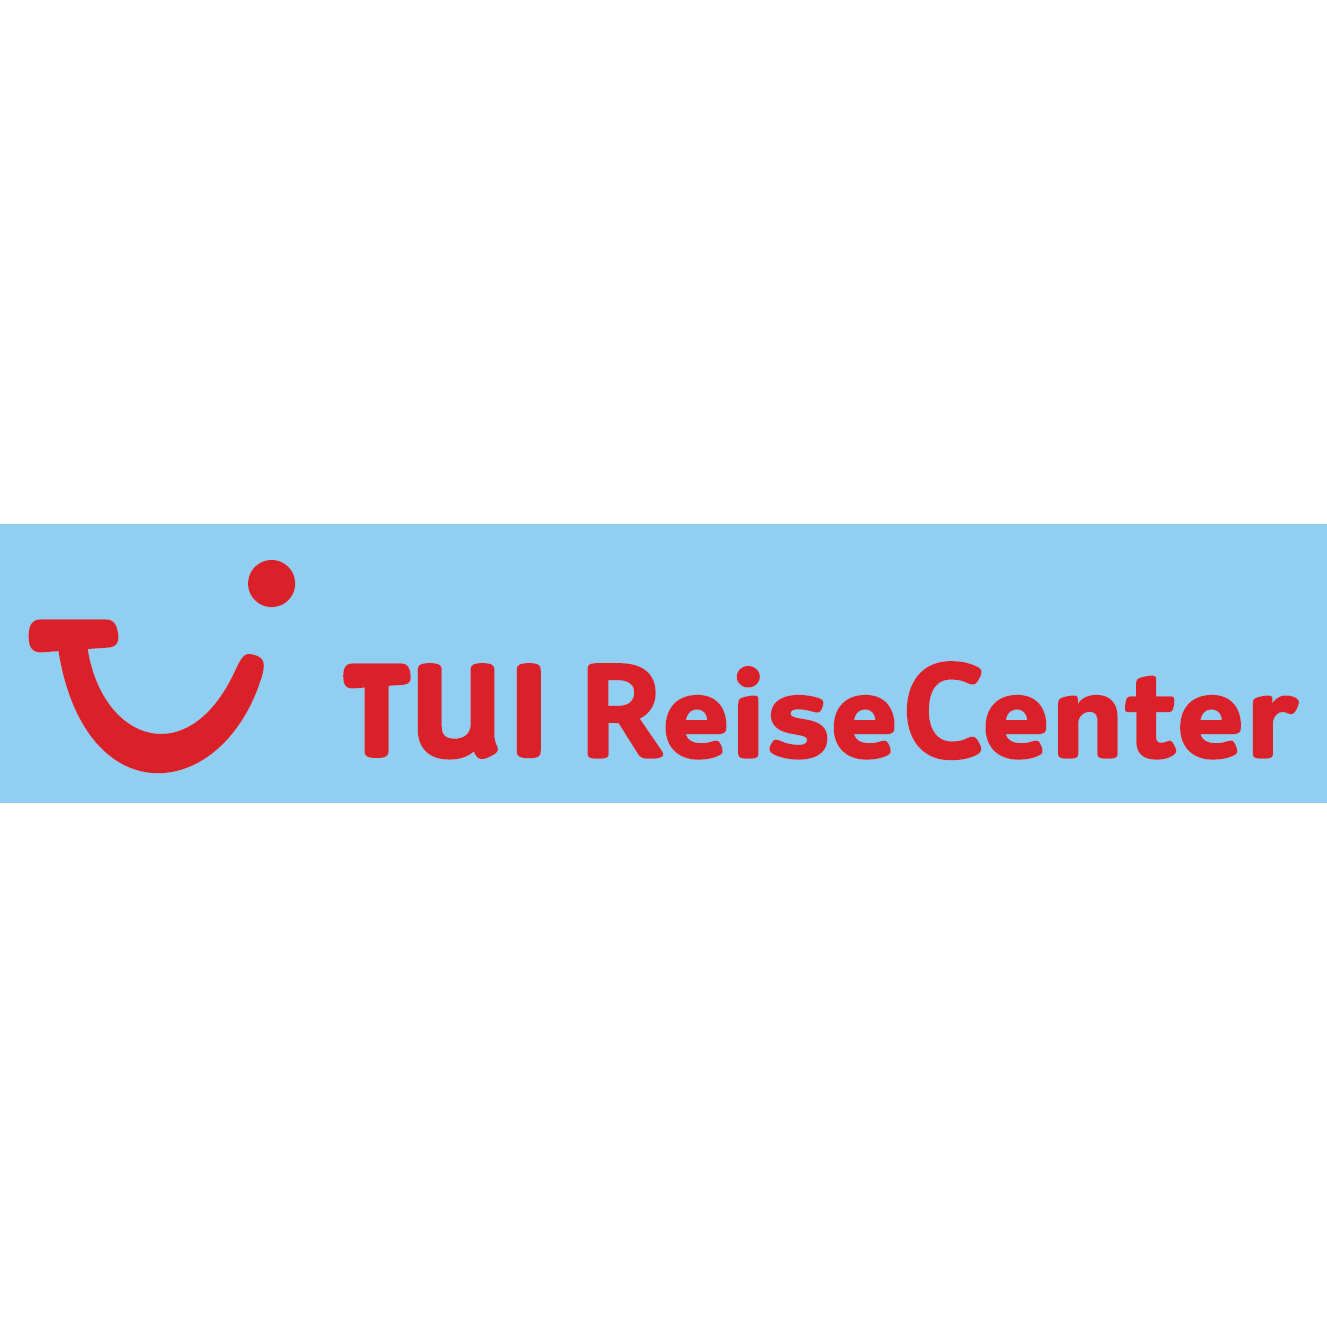 TUI Reisecenter Langenzenn